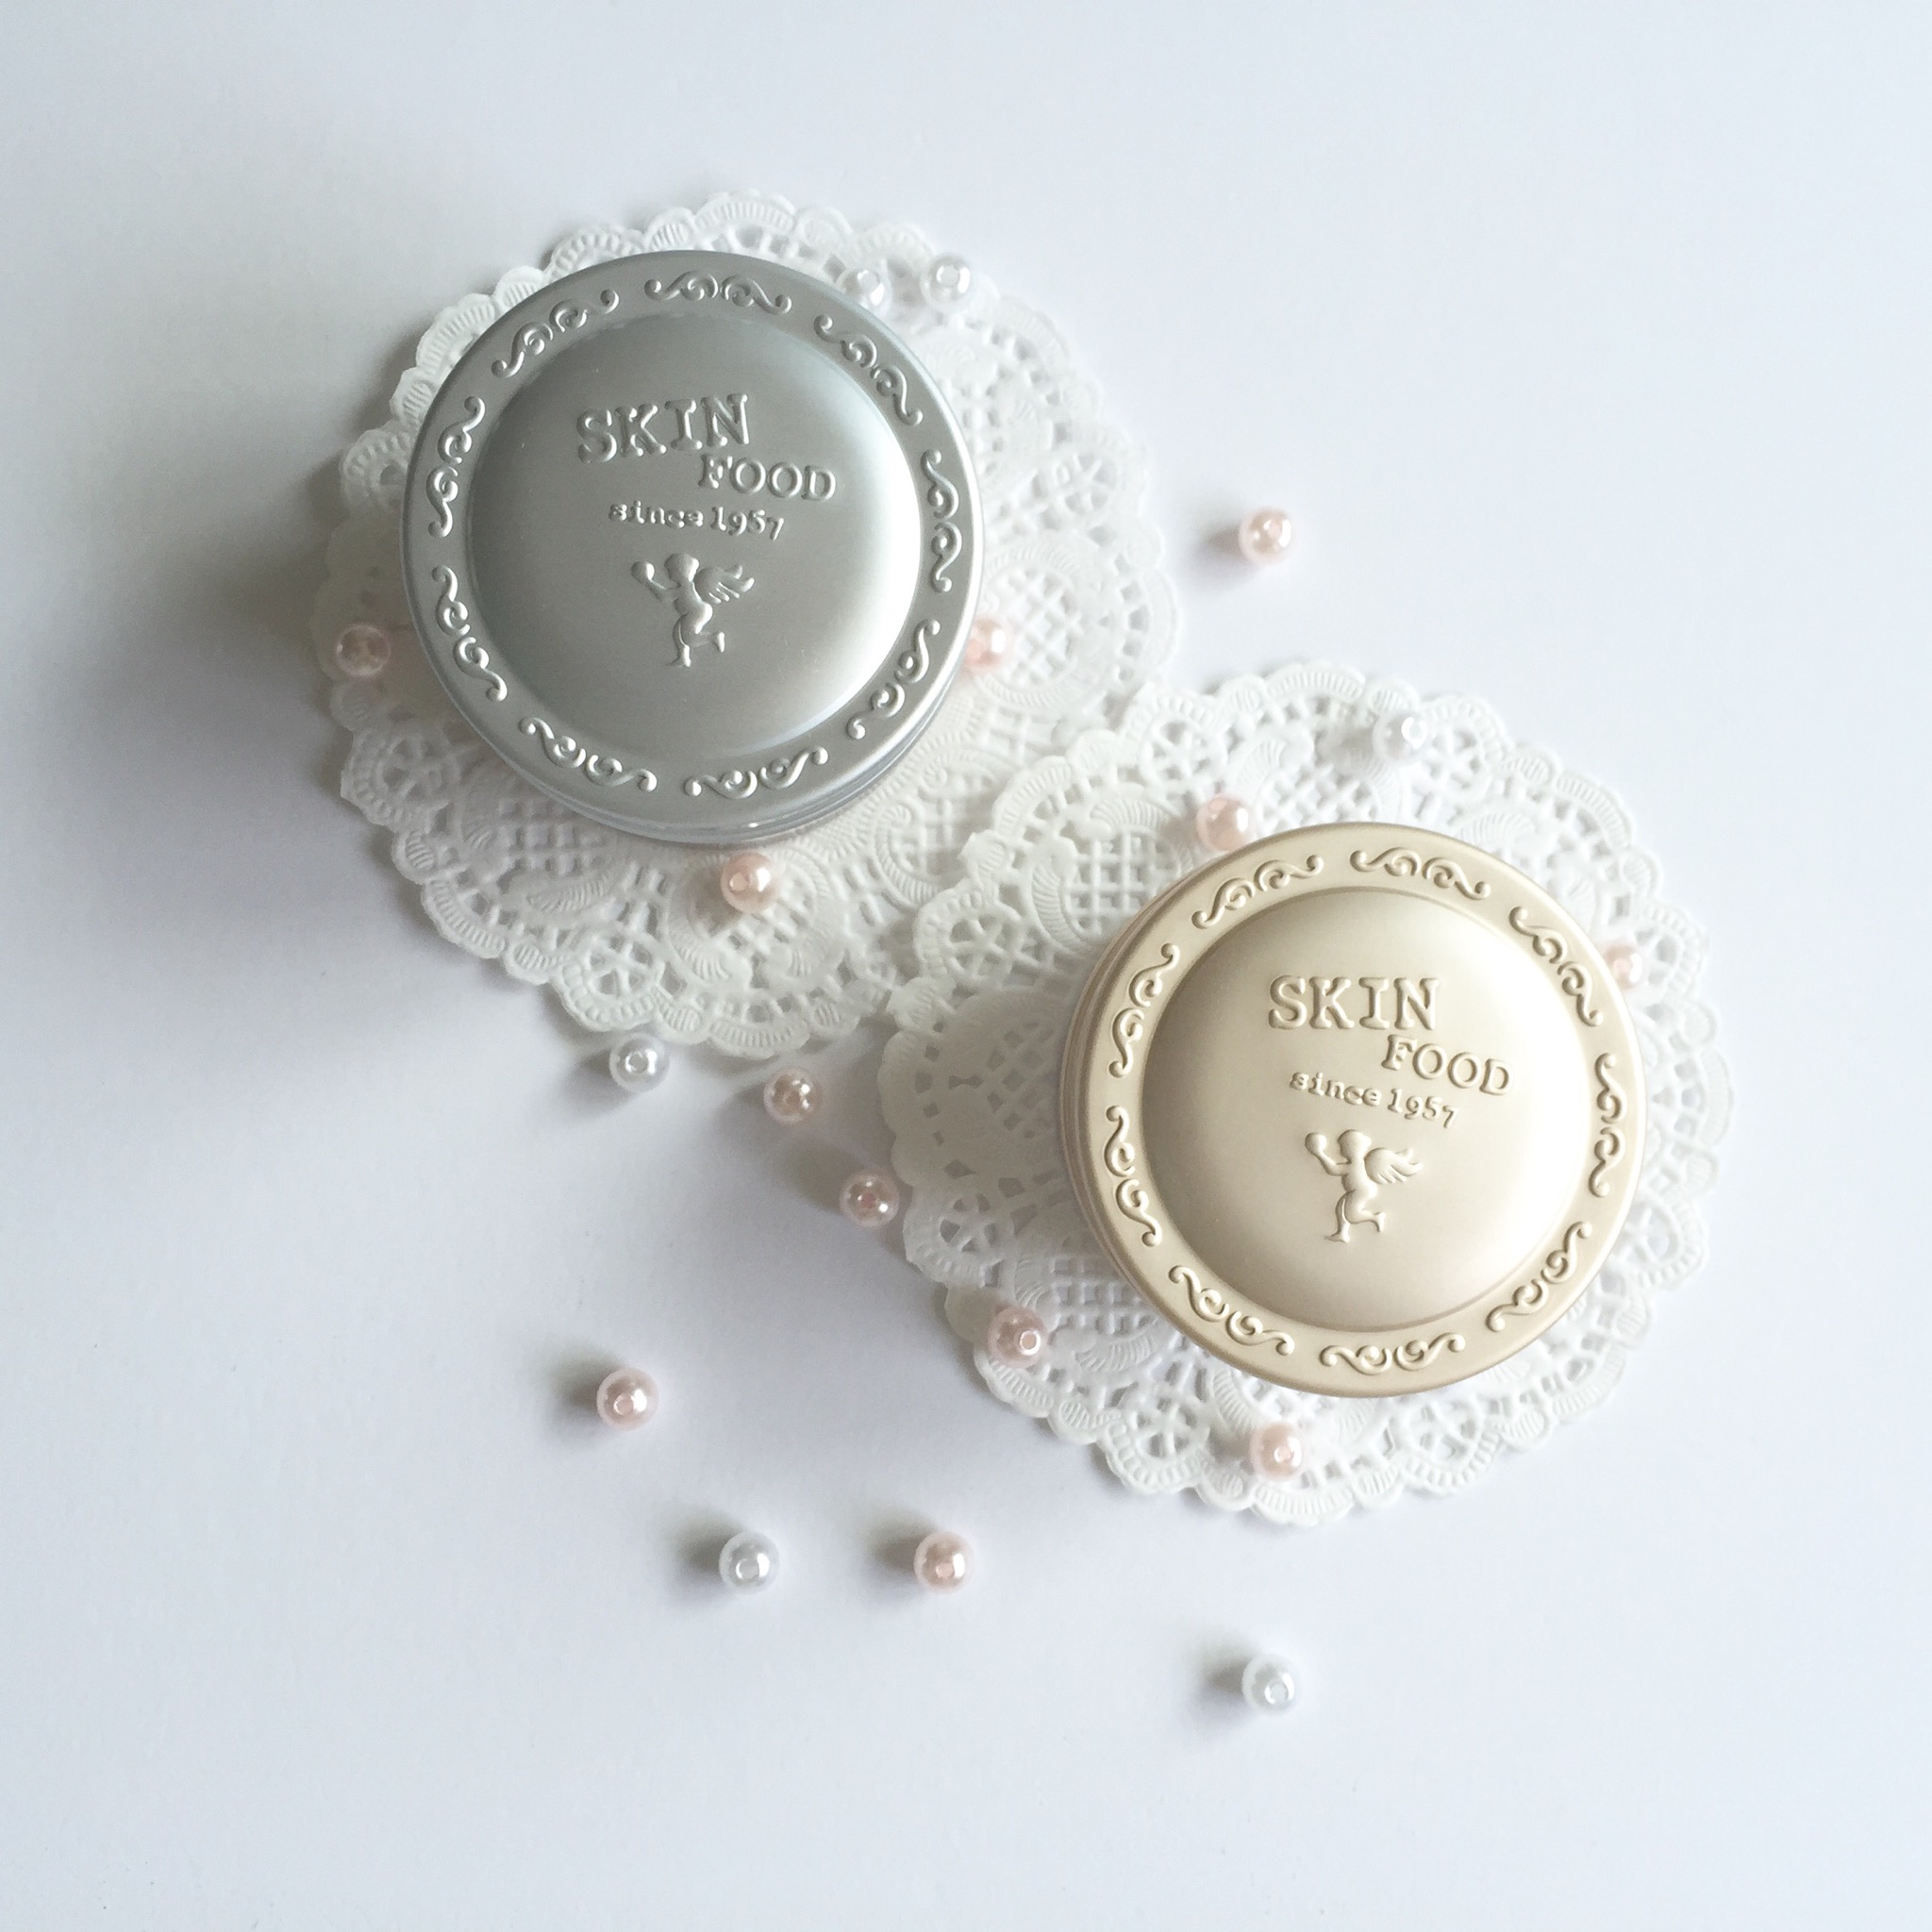 Skinfood Buckwheat Loose Powder & Rice Shimmer Powder - Review —  CityGirlSearching